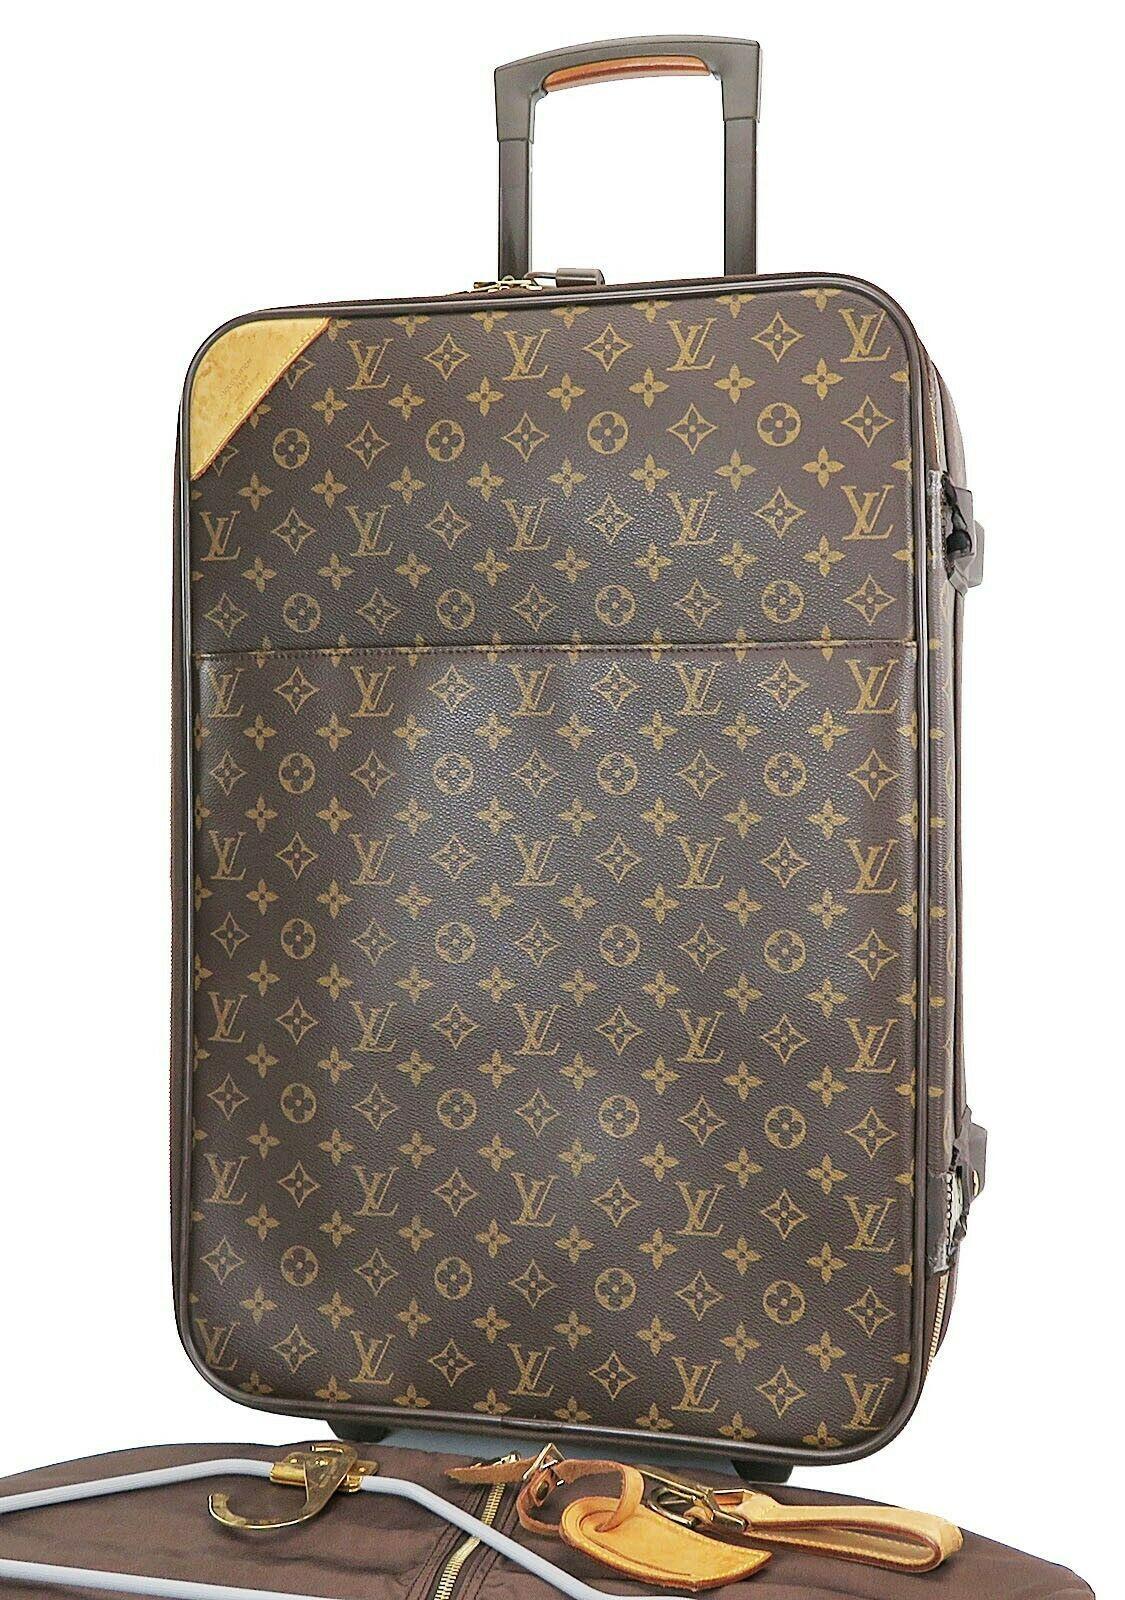 Authentic LOUIS VUITTON Pegase 55 Monogram Canvas Travel Rolling Suitcase #37648 - $1,235.00